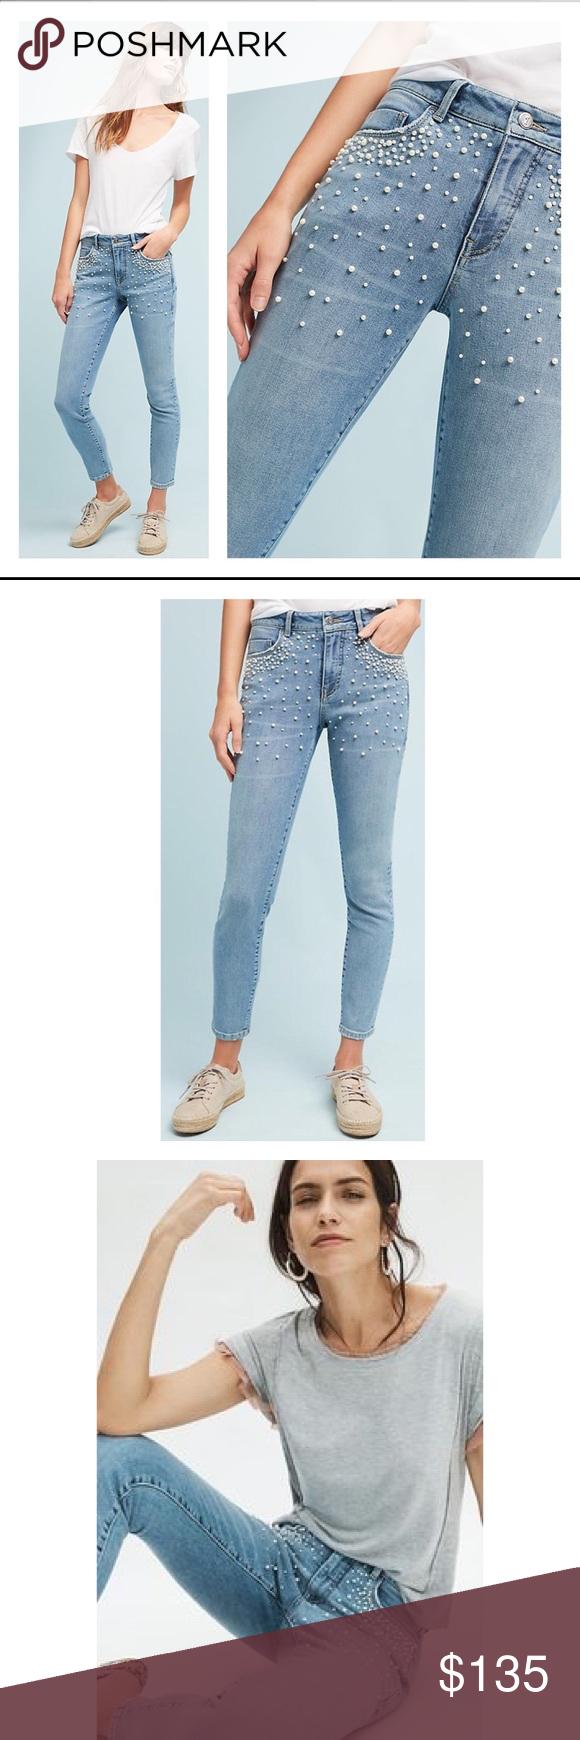 199c8037e45788 Pilcro and the Letterpress High-Rise Skinny Jeans BNWT ANTHROPOLOGIE Pilcro  and the Letterpress Script High-Rise Pearl Skinny Jeans size 27 This ...